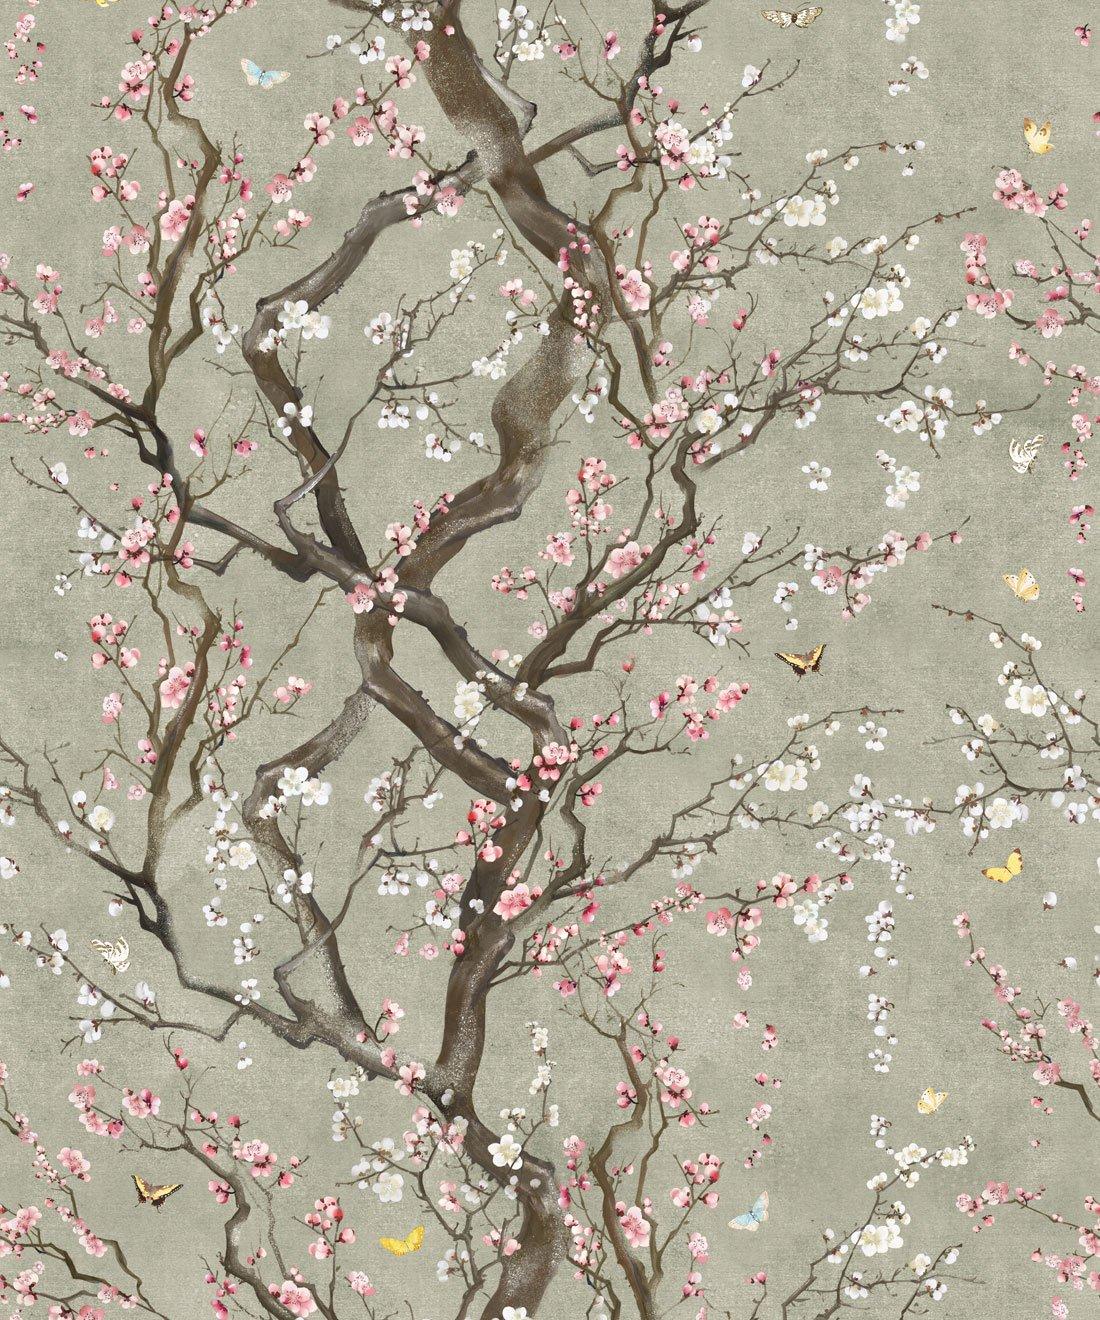 桜壁紙イギリス 家の壁紙 1100x13 Wallpapertip